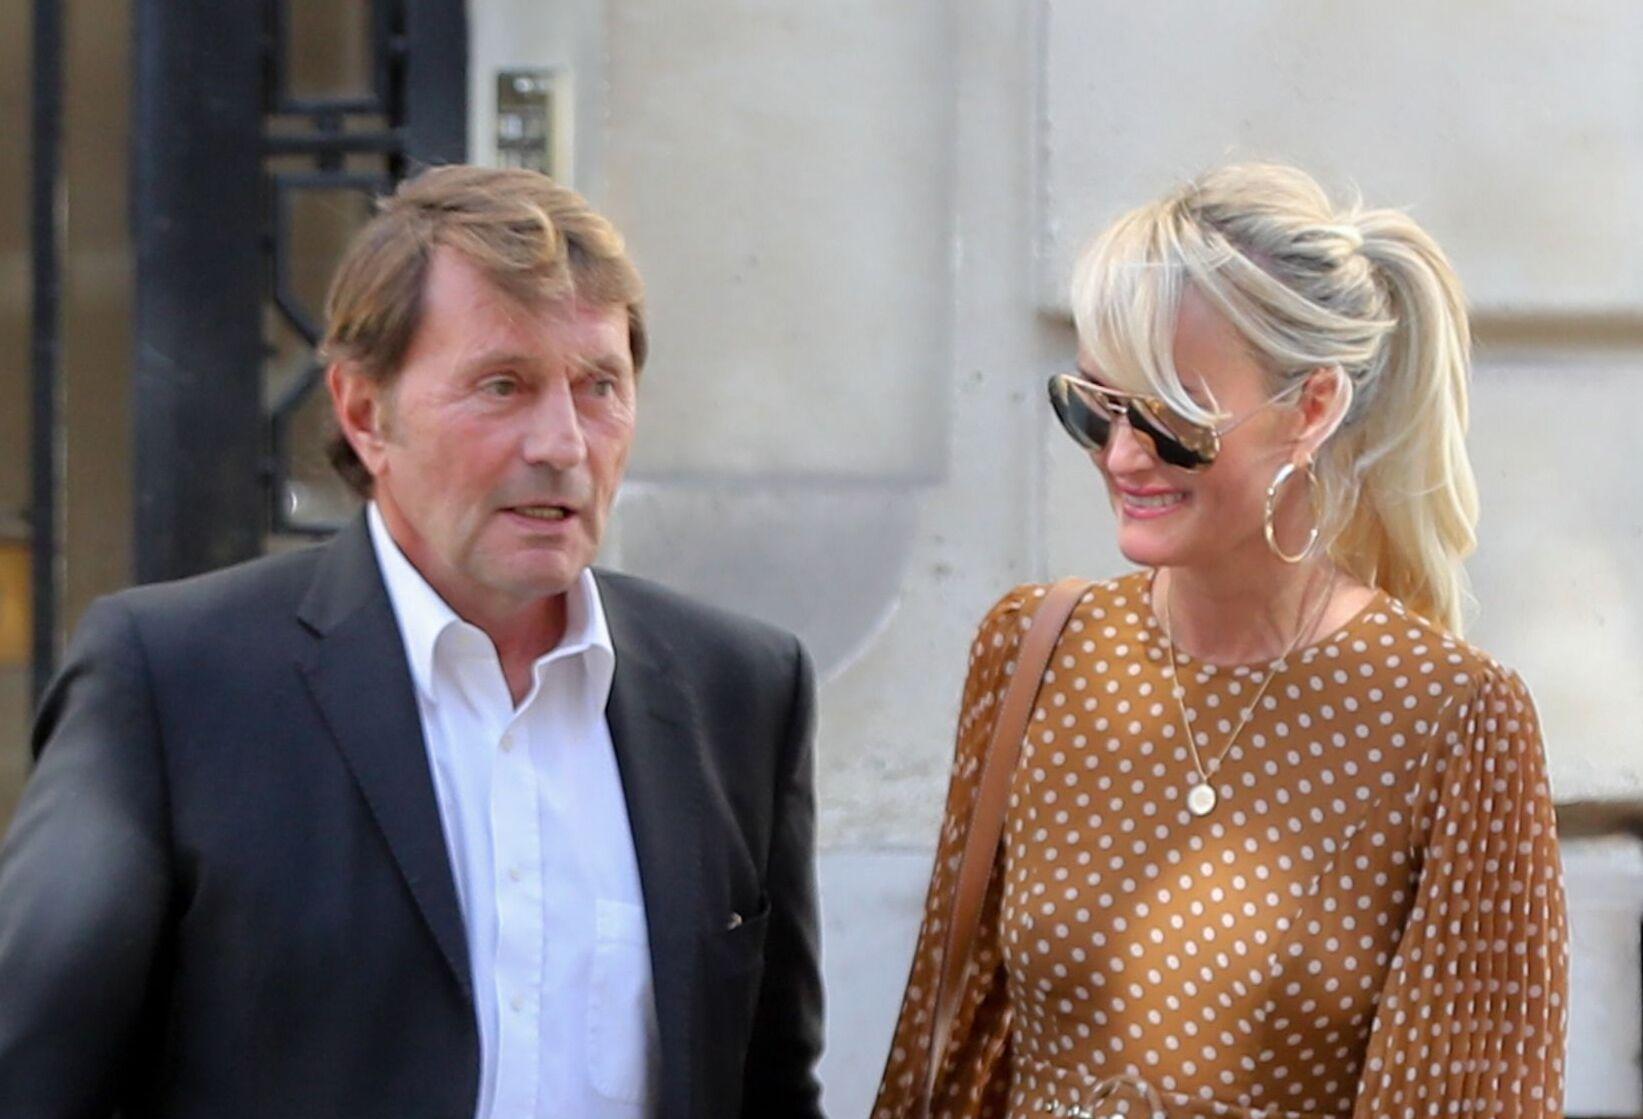 PHOTOS Laeticia Hallyday à Paris : elle prépare sa contre-attaque avec André Boudou et ses avocats